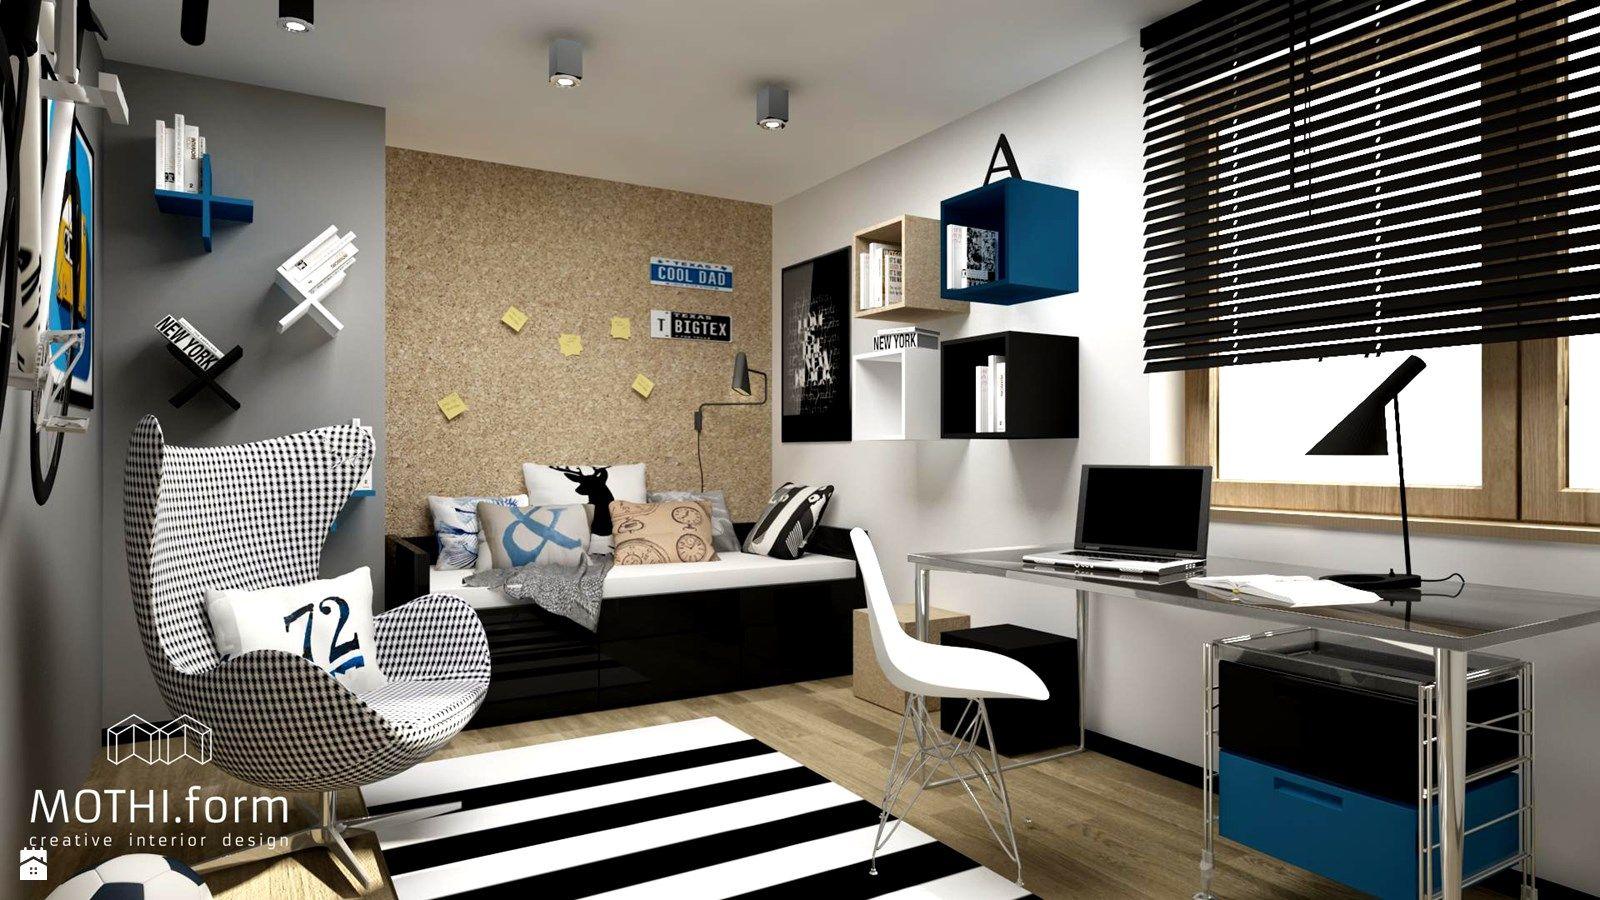 pok j dla ch opca zdj cie od pok j dziecka styl nowoczesny. Black Bedroom Furniture Sets. Home Design Ideas